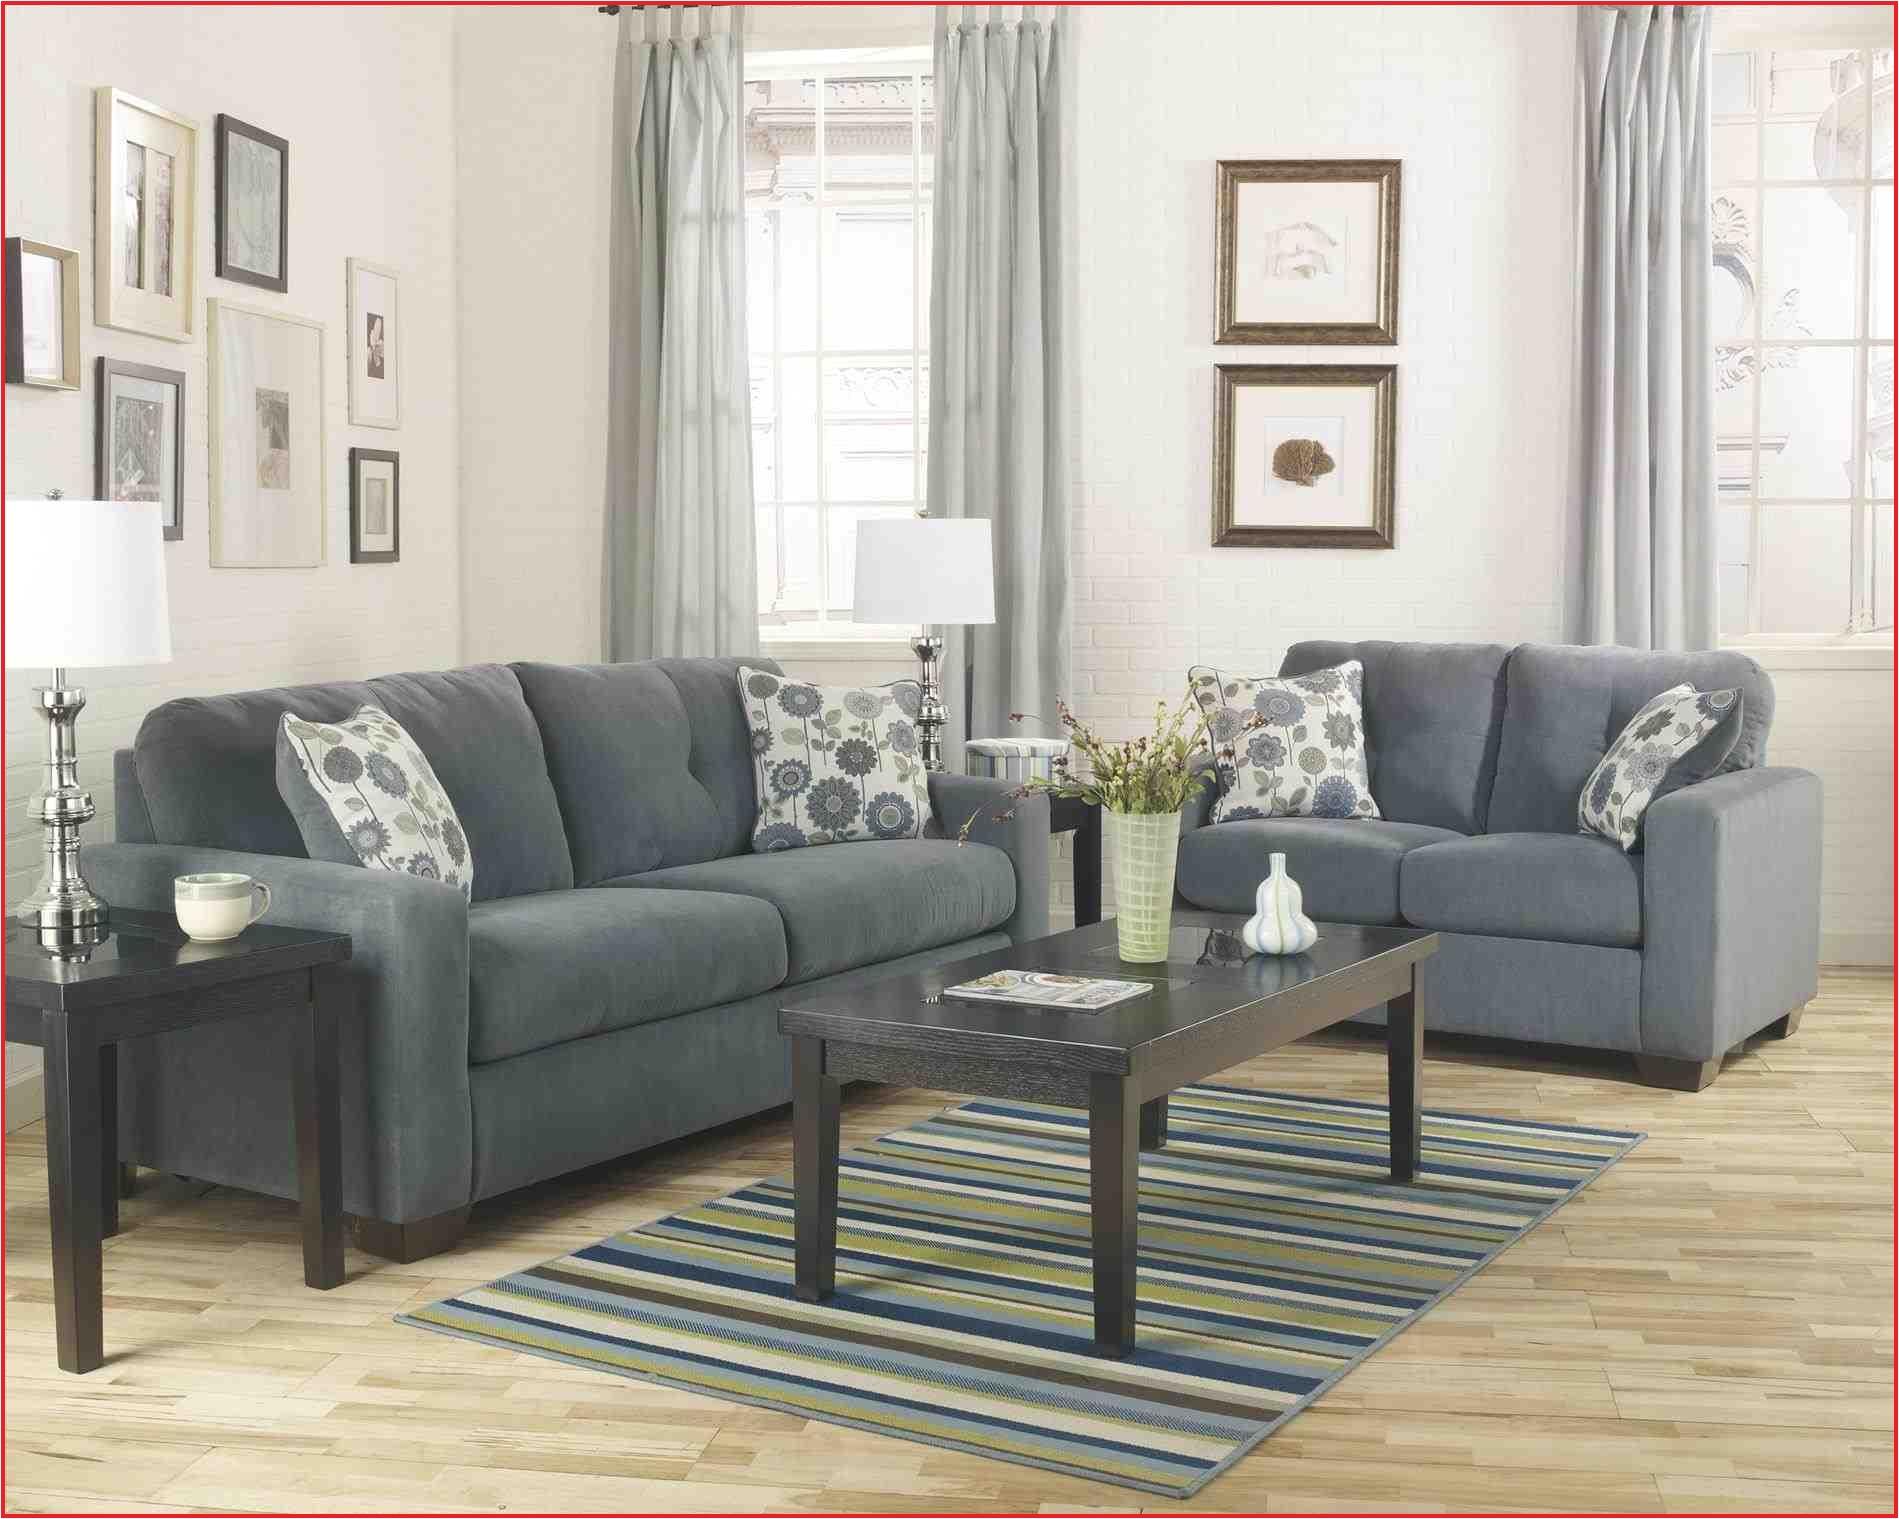 luxury tucson furniture pics of decoration 58937